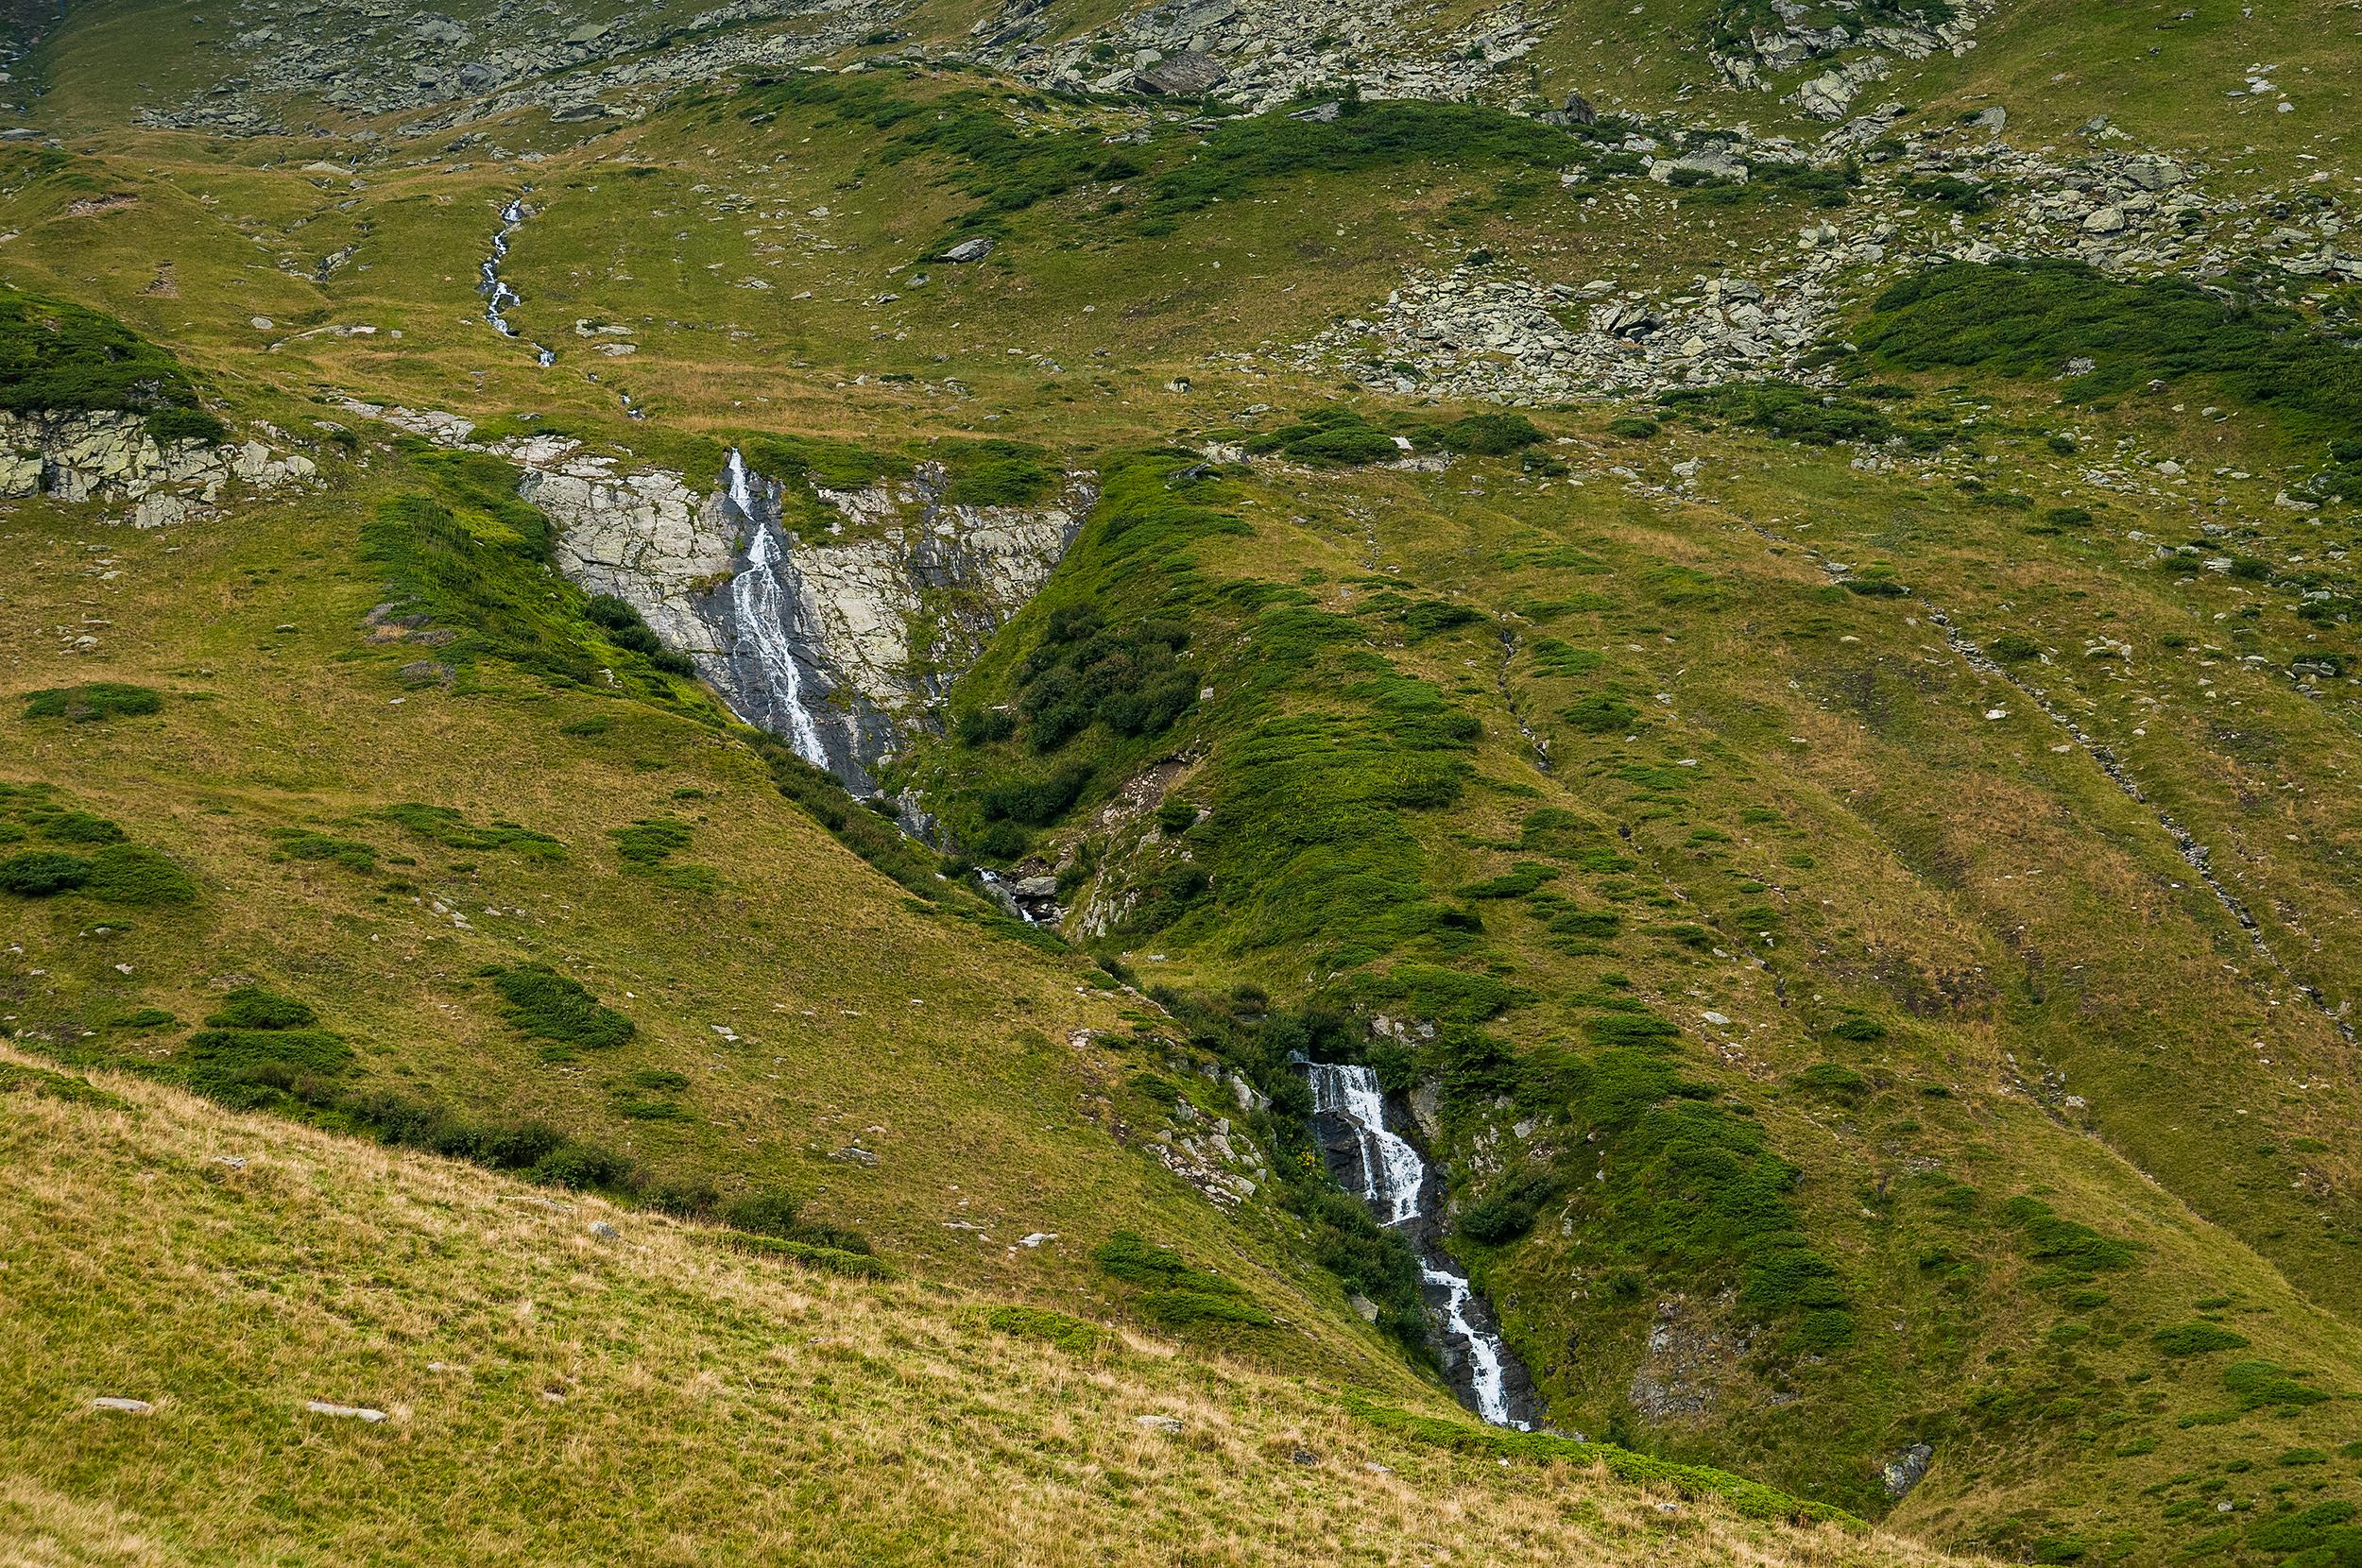 După ce depășim pragul căldării ajungem pe o vale foarte pitorească cu o succesiune de cascade.